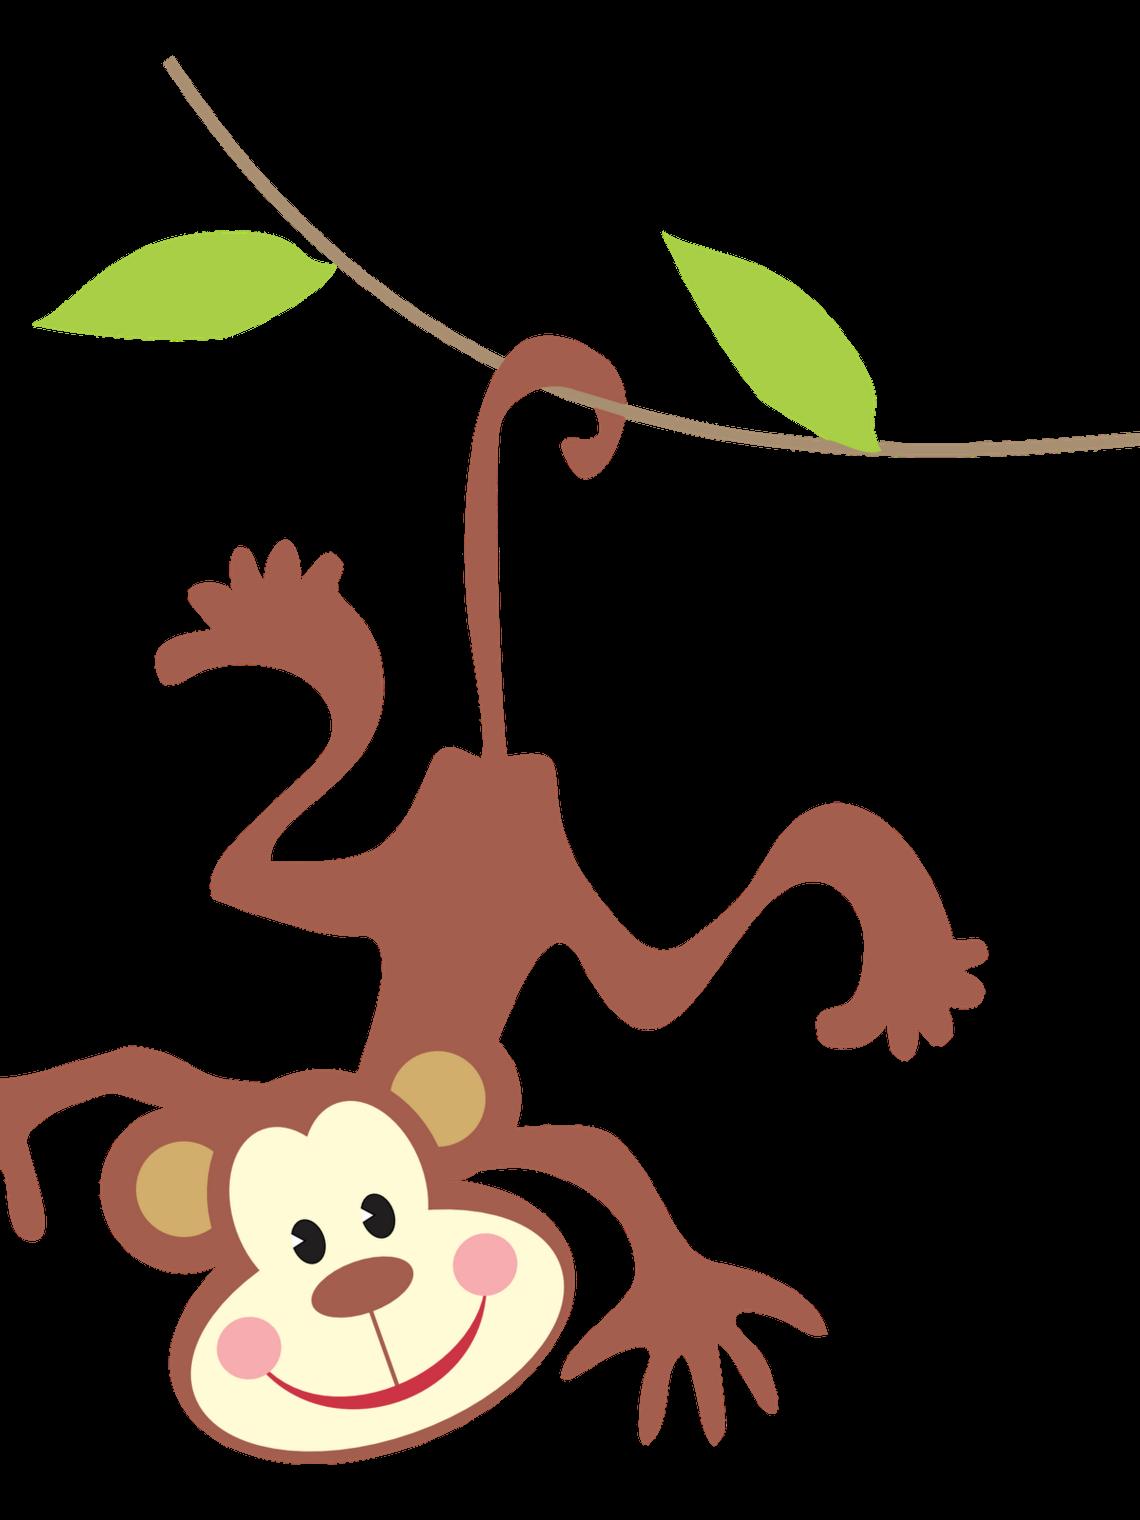 monkeys clipart safari animal